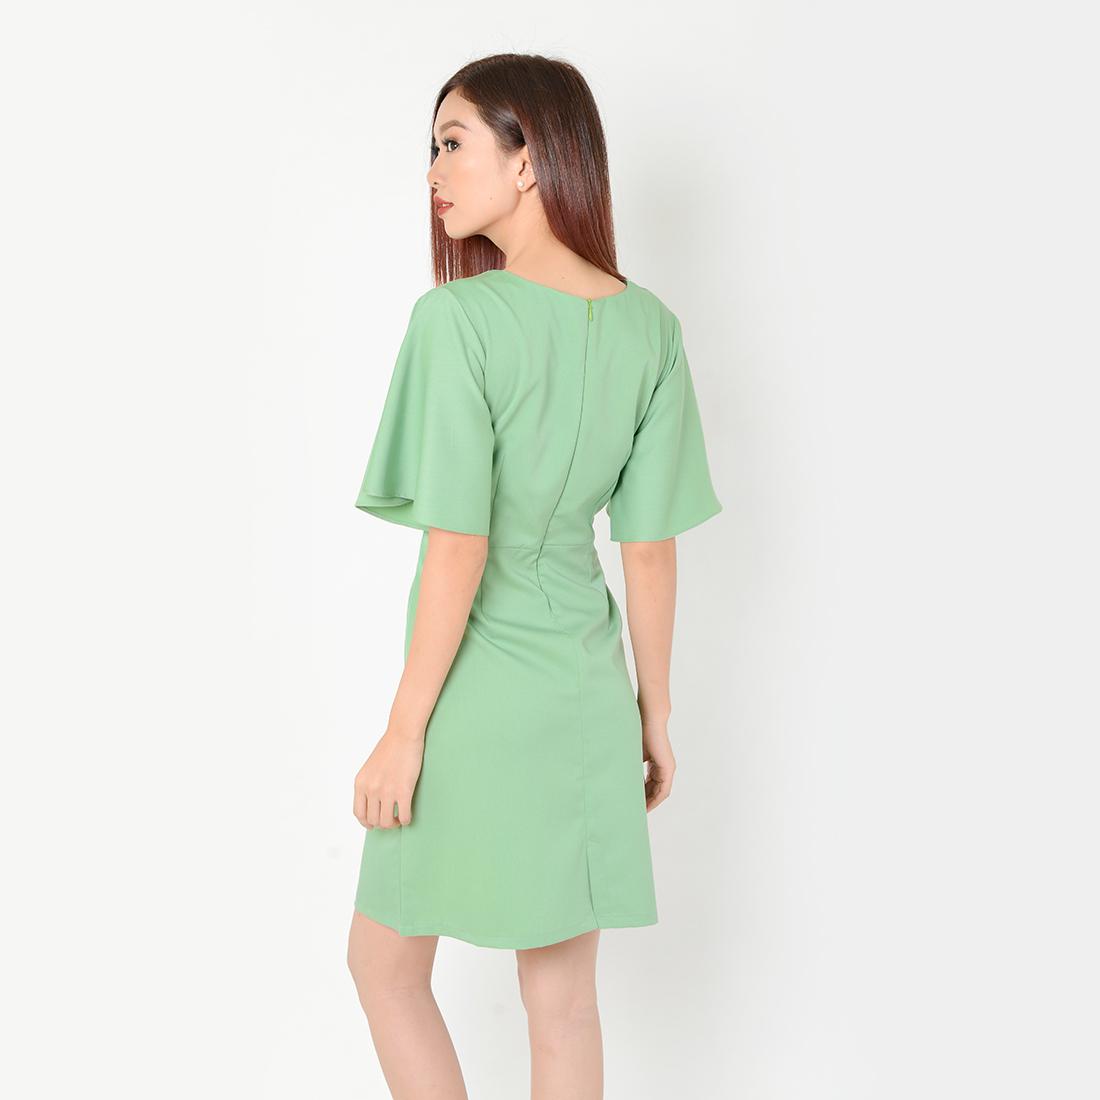 Đầm Suông Công Sở Thời Trang Eden Tay Loe - D334 - Màu xanh